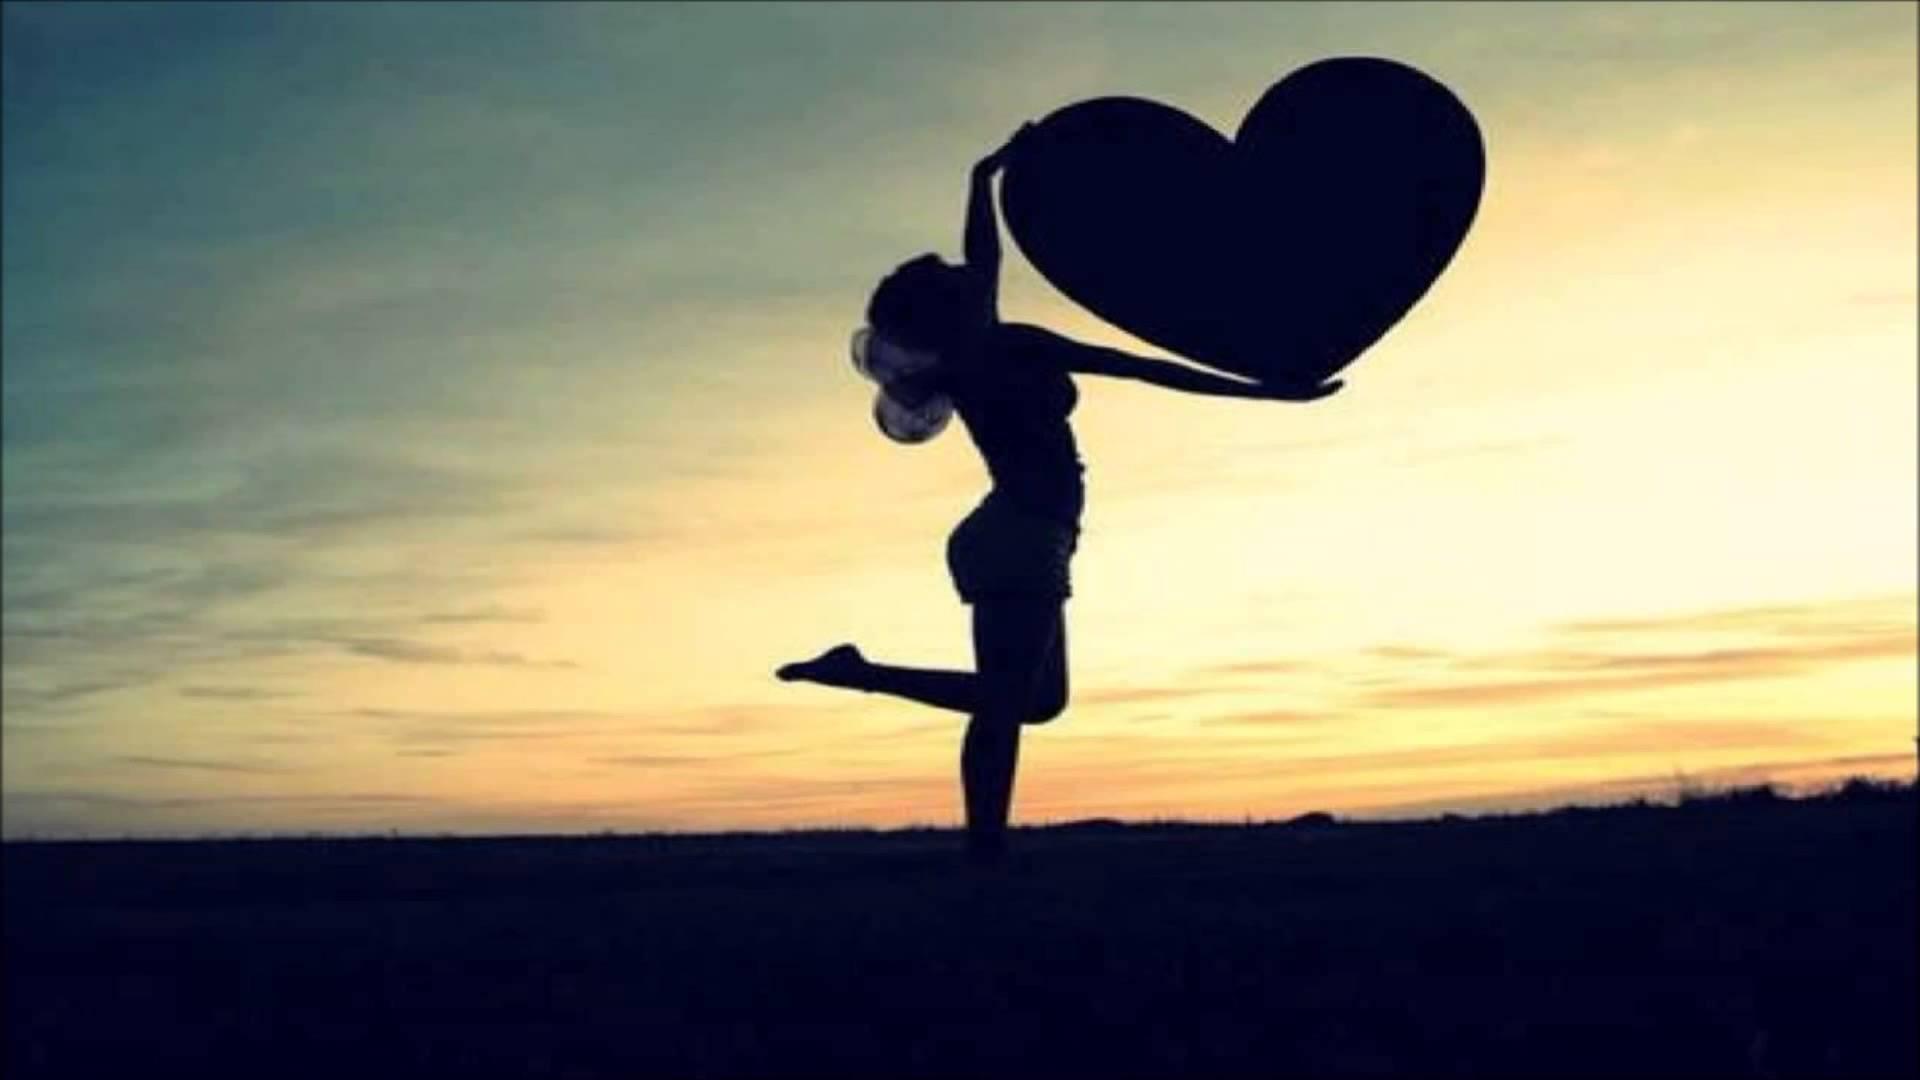 O amor sempre é importante para superar os problemas